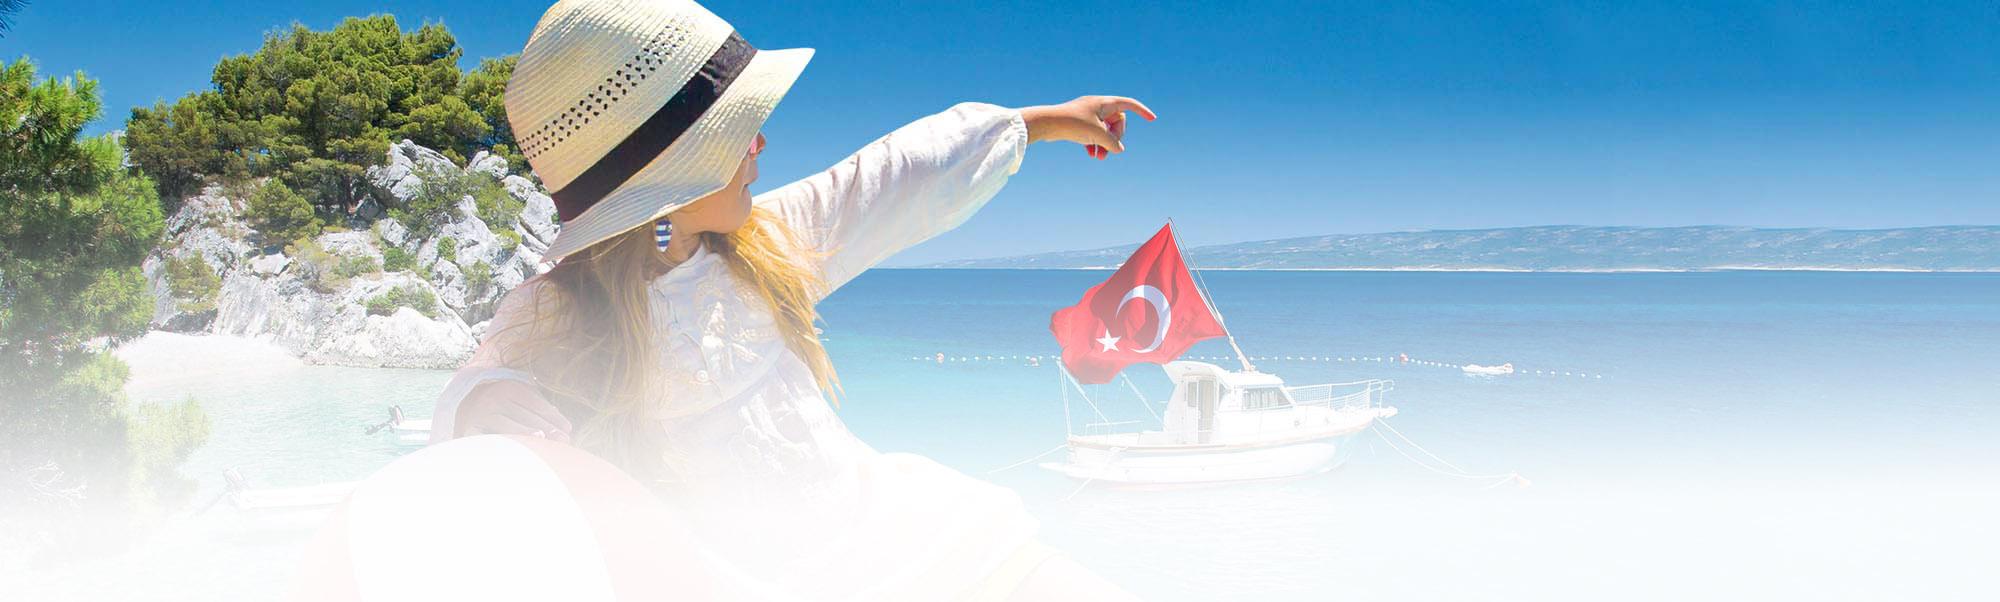 Горящие туры в Турцию из Екатеринбурга 2018, цены на горящие путевки все включено